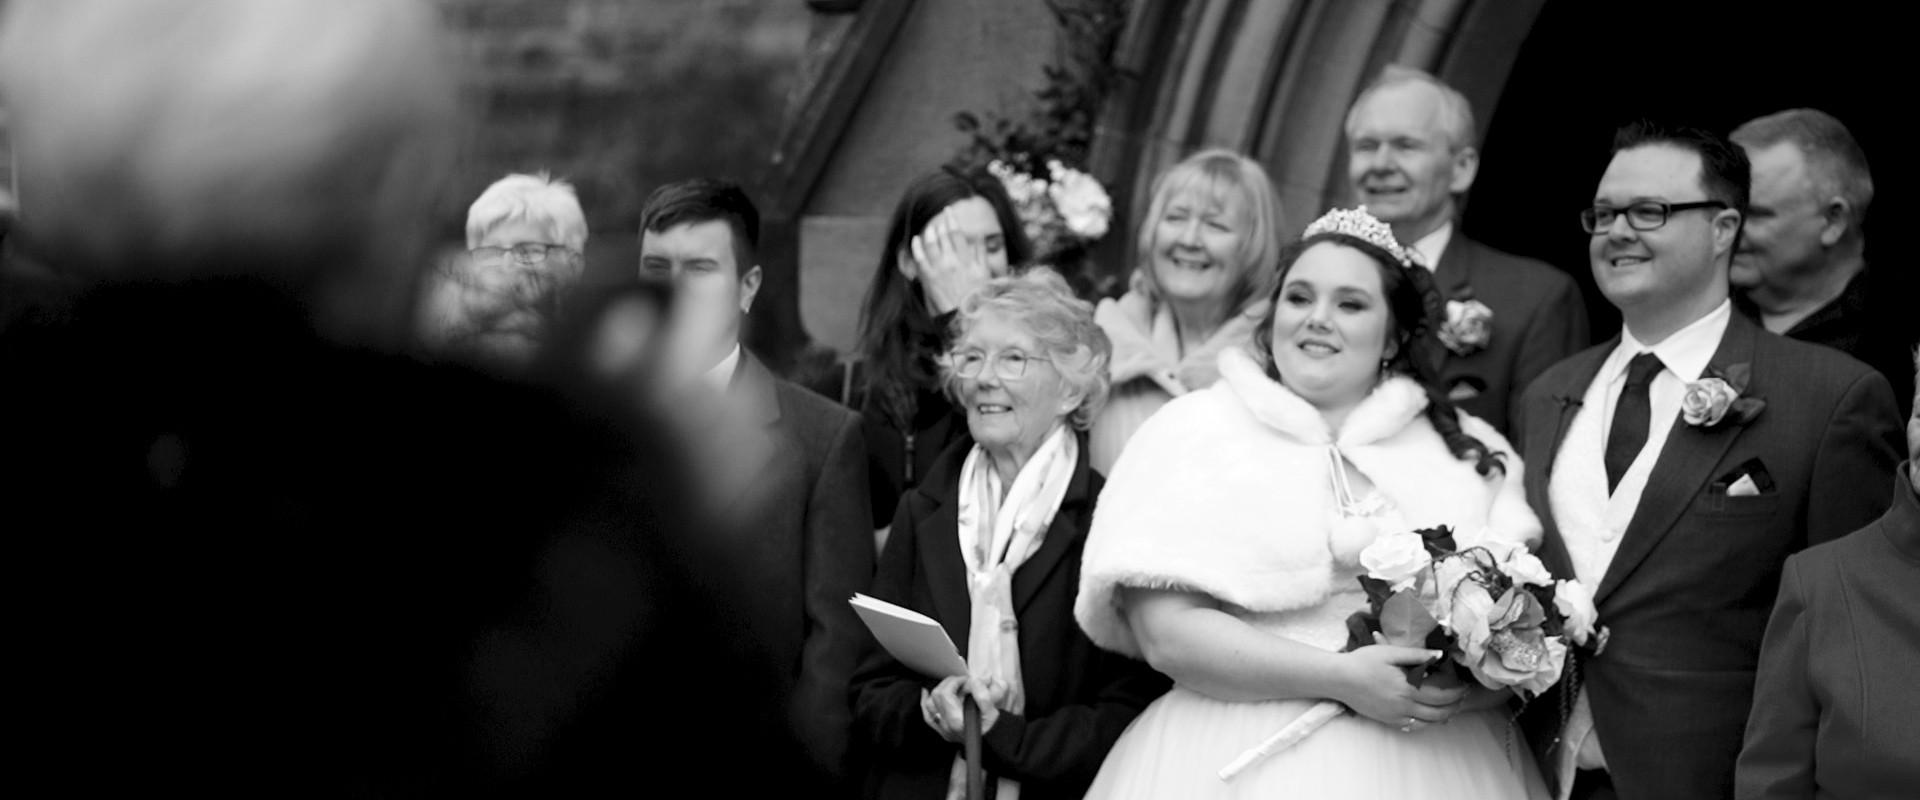 Wedding-ShortFilm-BW.00_05_03_06.Still04